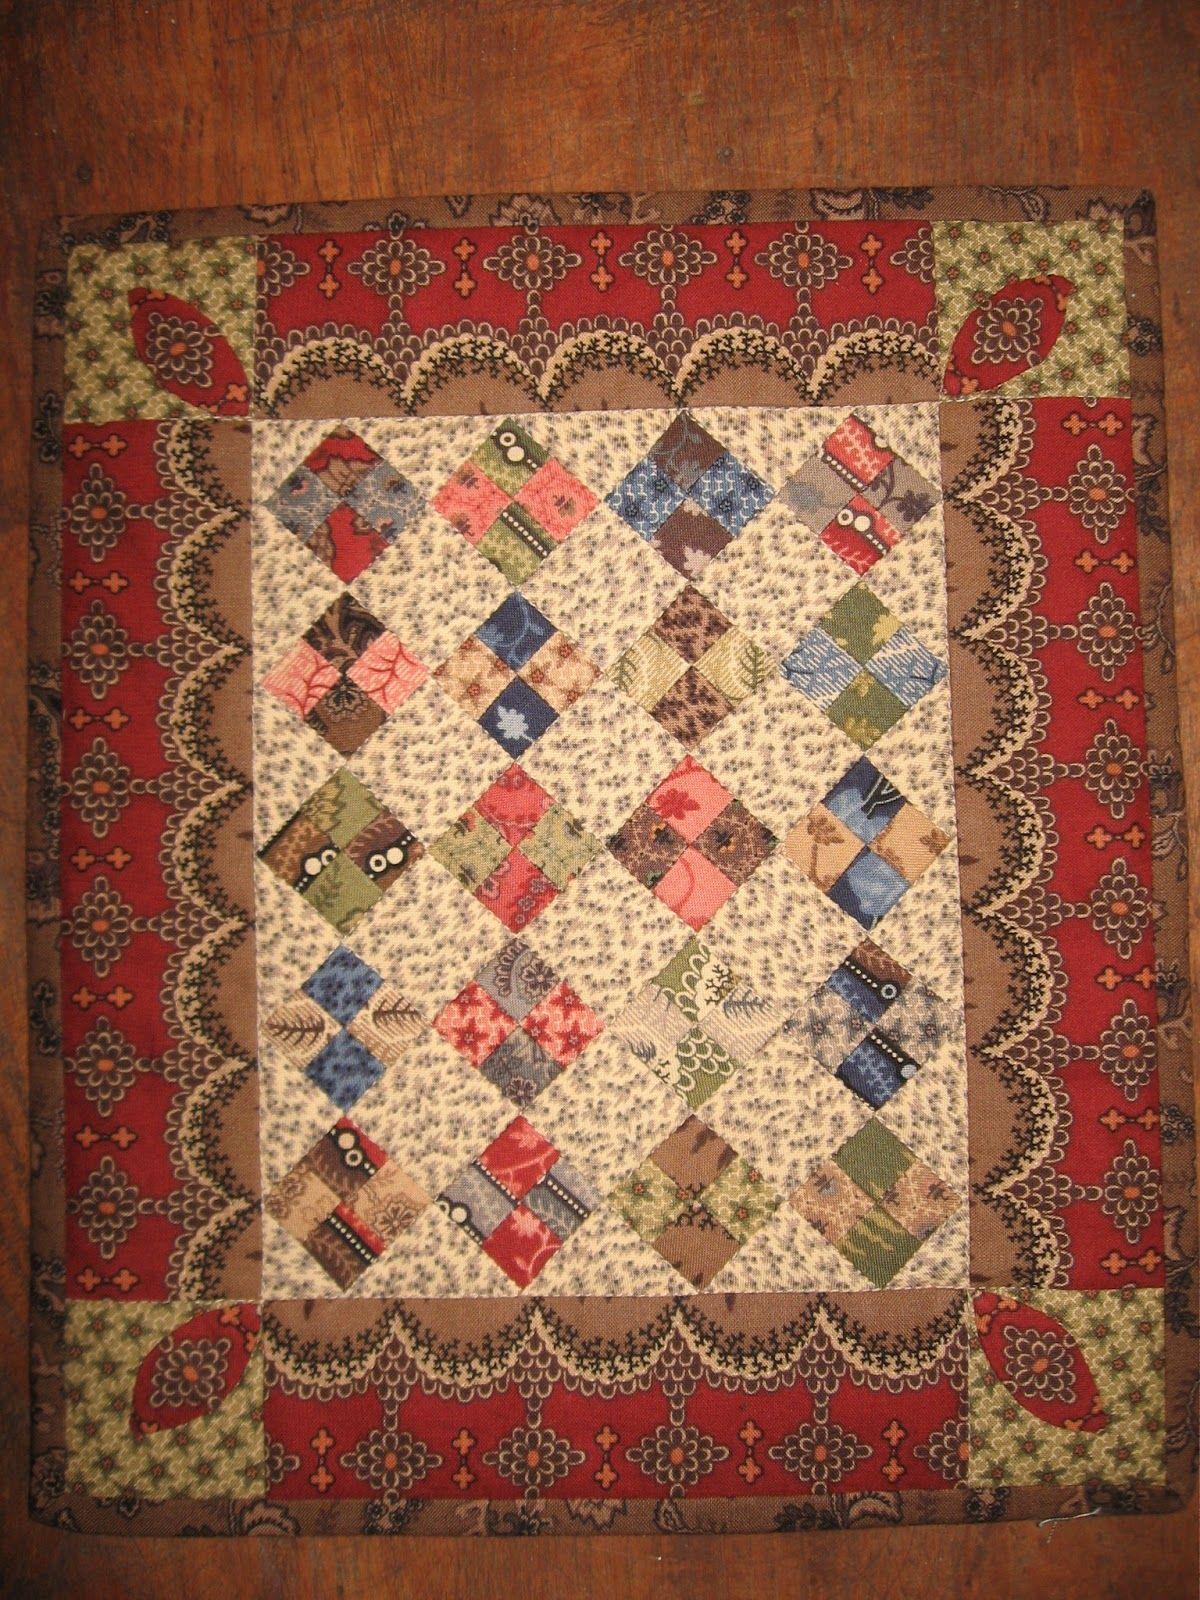 Little Shop Quilt http://4.bp.blogspot.com/-Ag-rTlBKLIQ/UUm8HcntiTI/AAAAAAAAA08/i7duC14v4dc/s1600/023.JPG